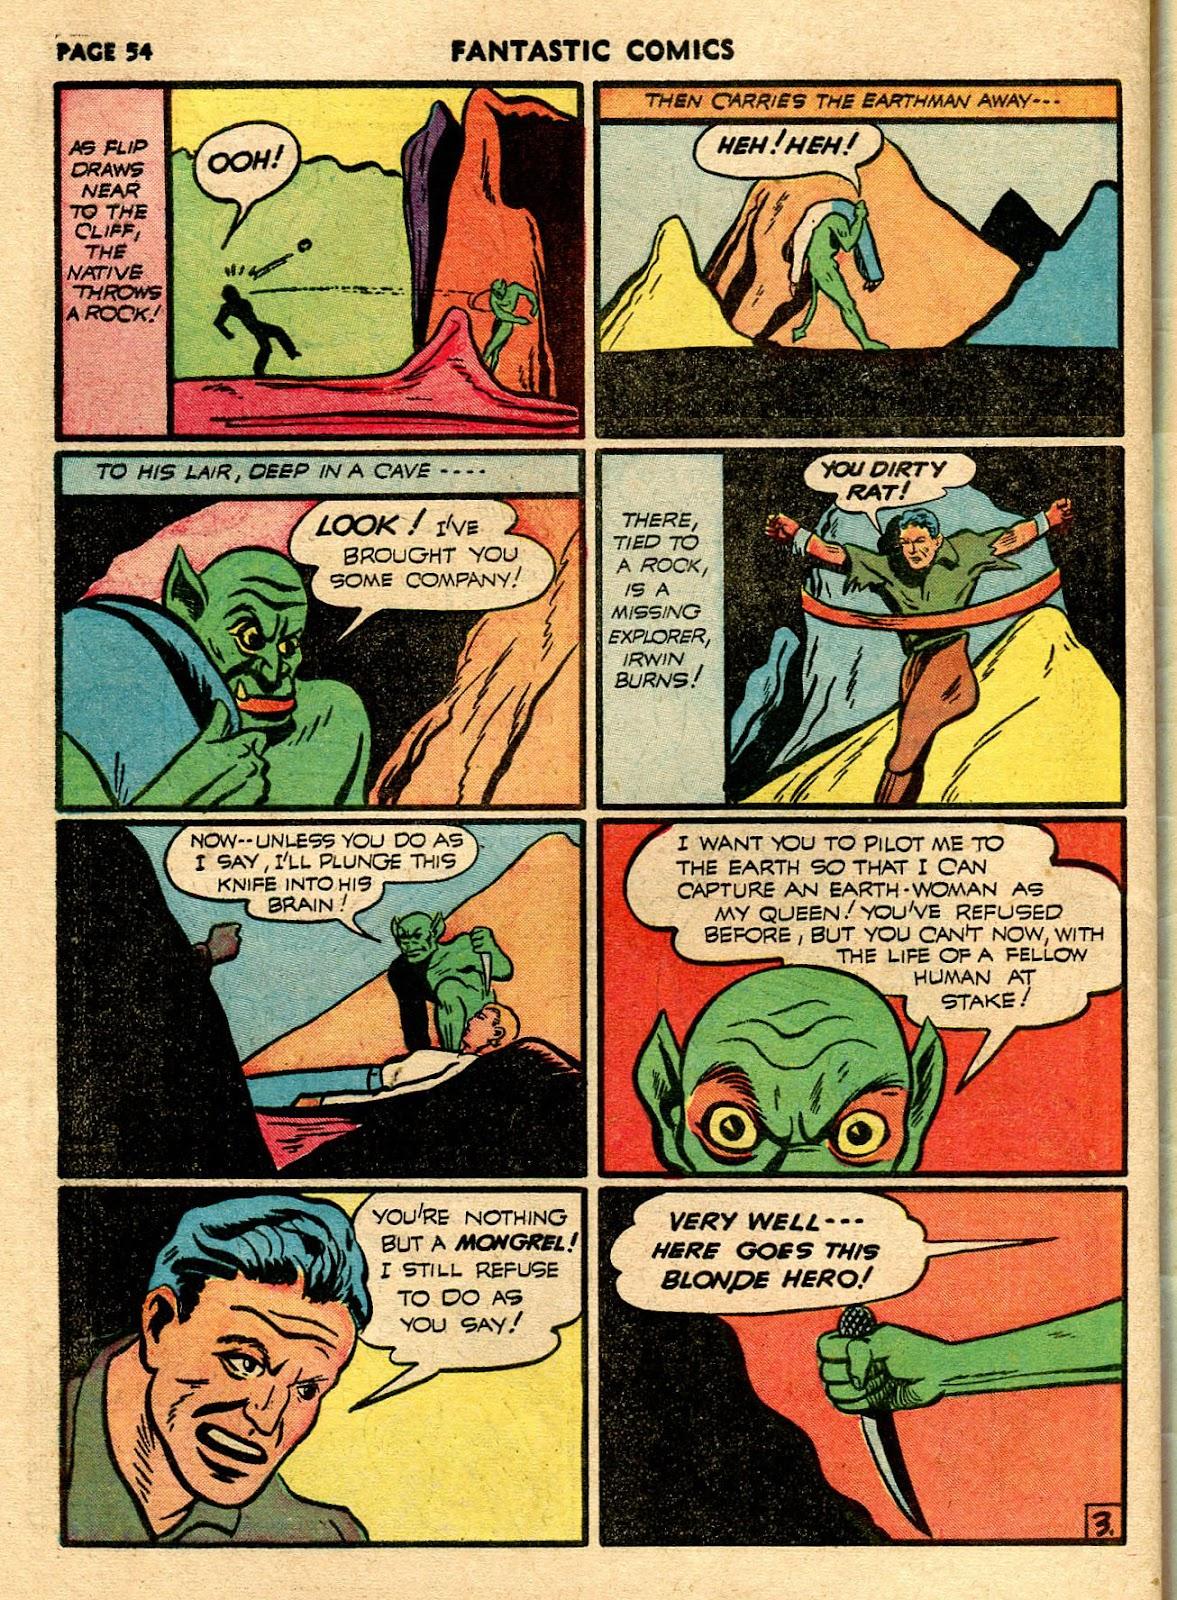 Read online Fantastic Comics comic -  Issue #21 - 52